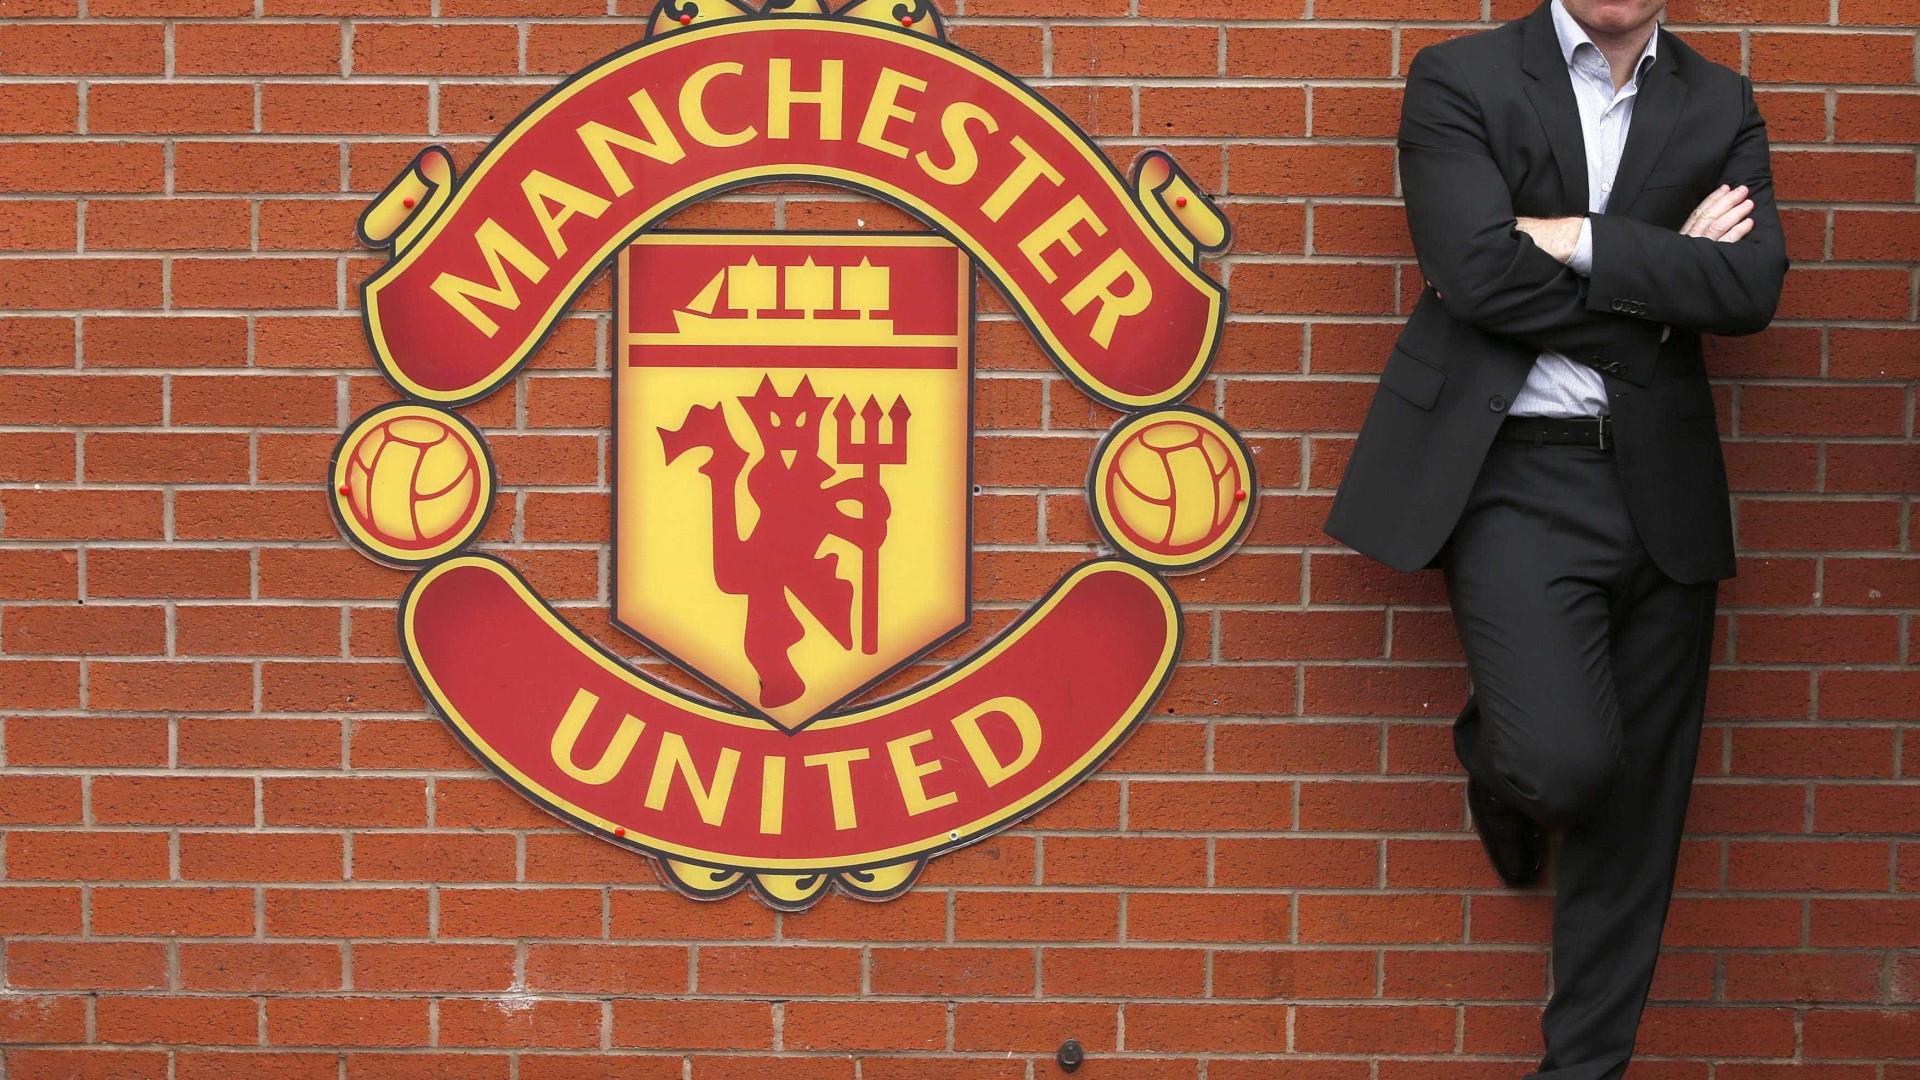 Oficial: Paul Scholes vai iniciar carreira de treinador e já tem clube